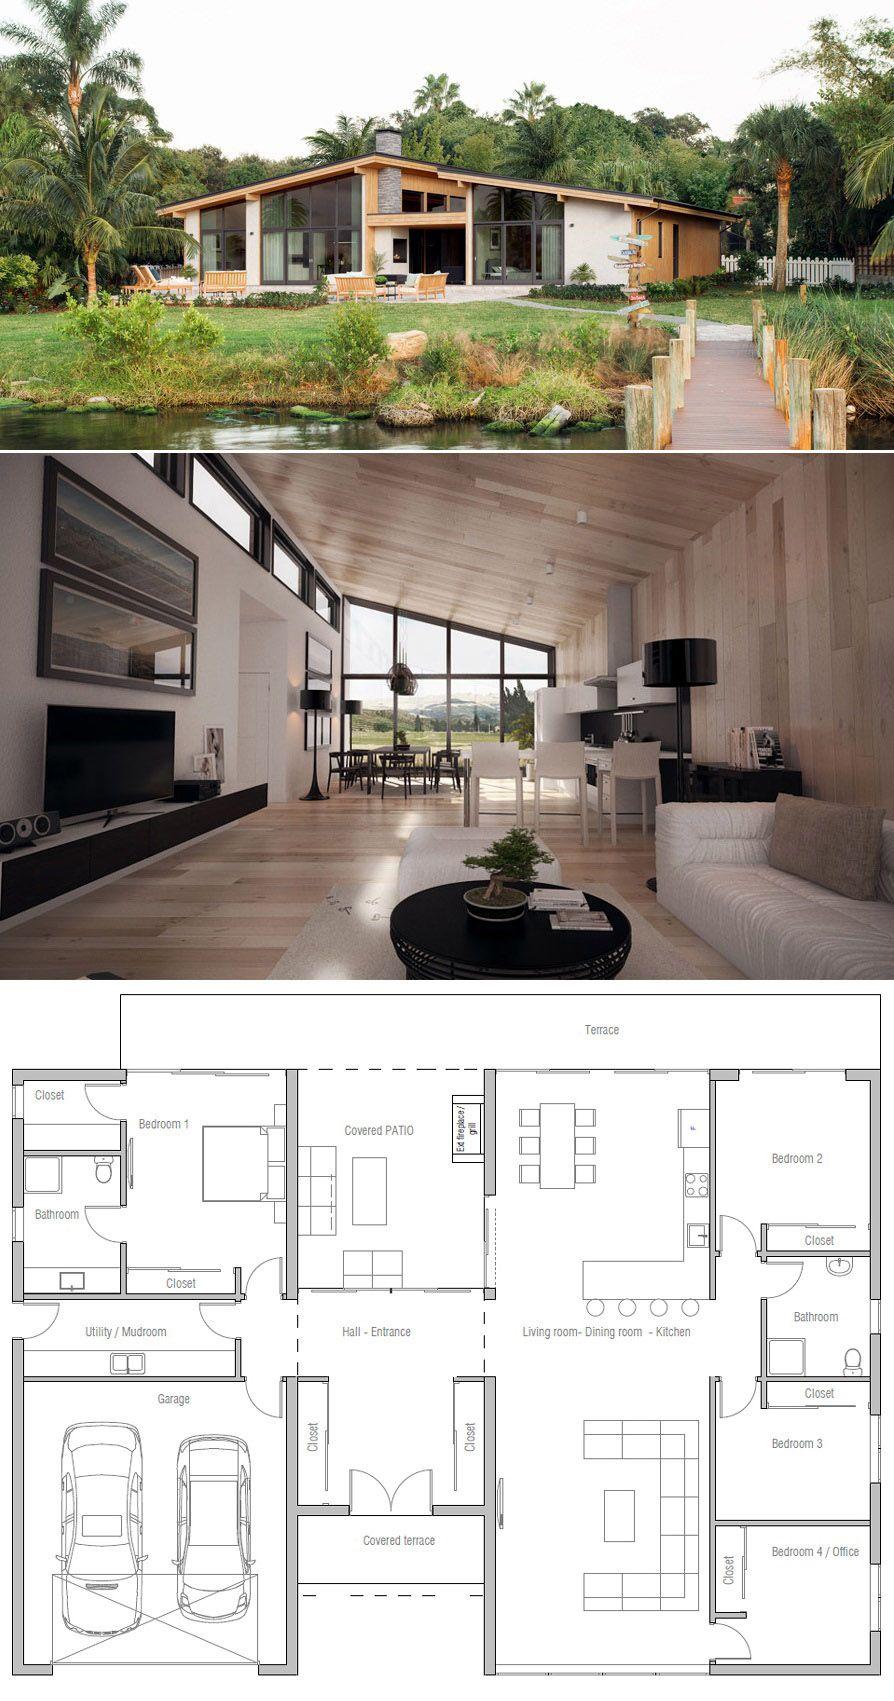 Casa Moderna Planos De Casa Planta De Casa Casas Modulares